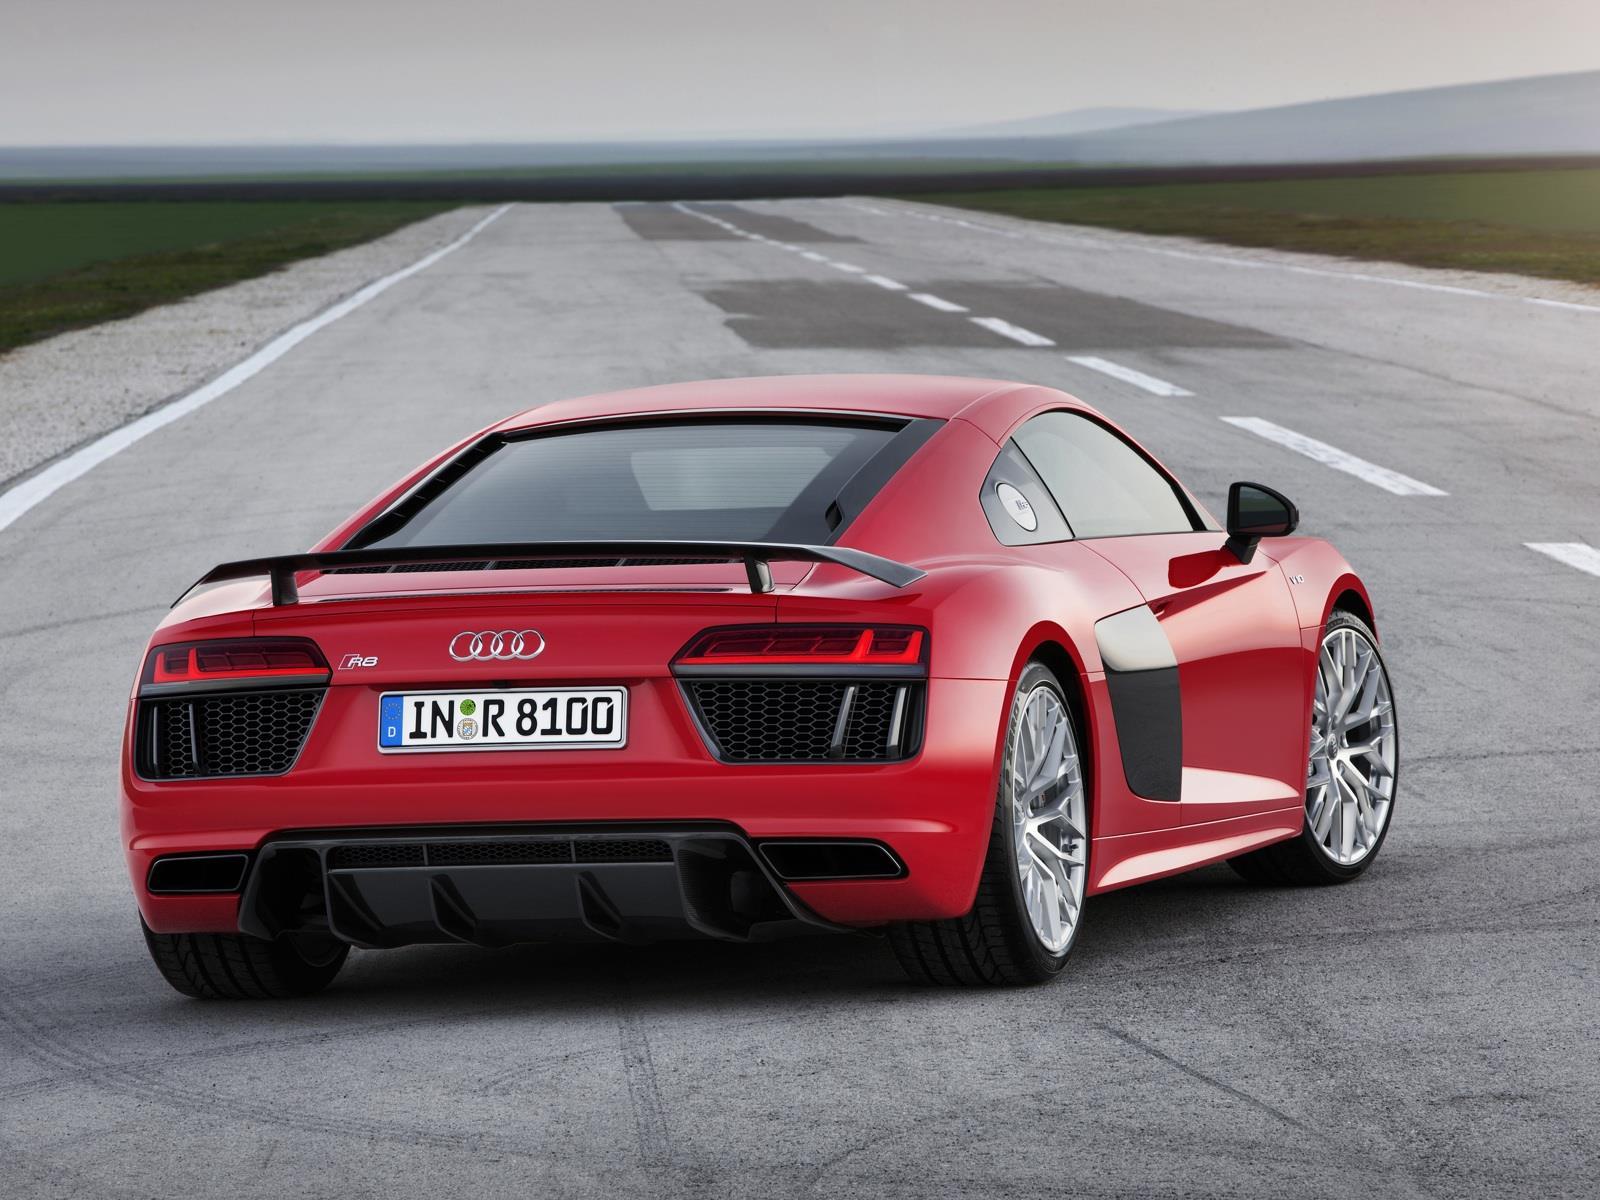 Audi r8 precio mexico 9